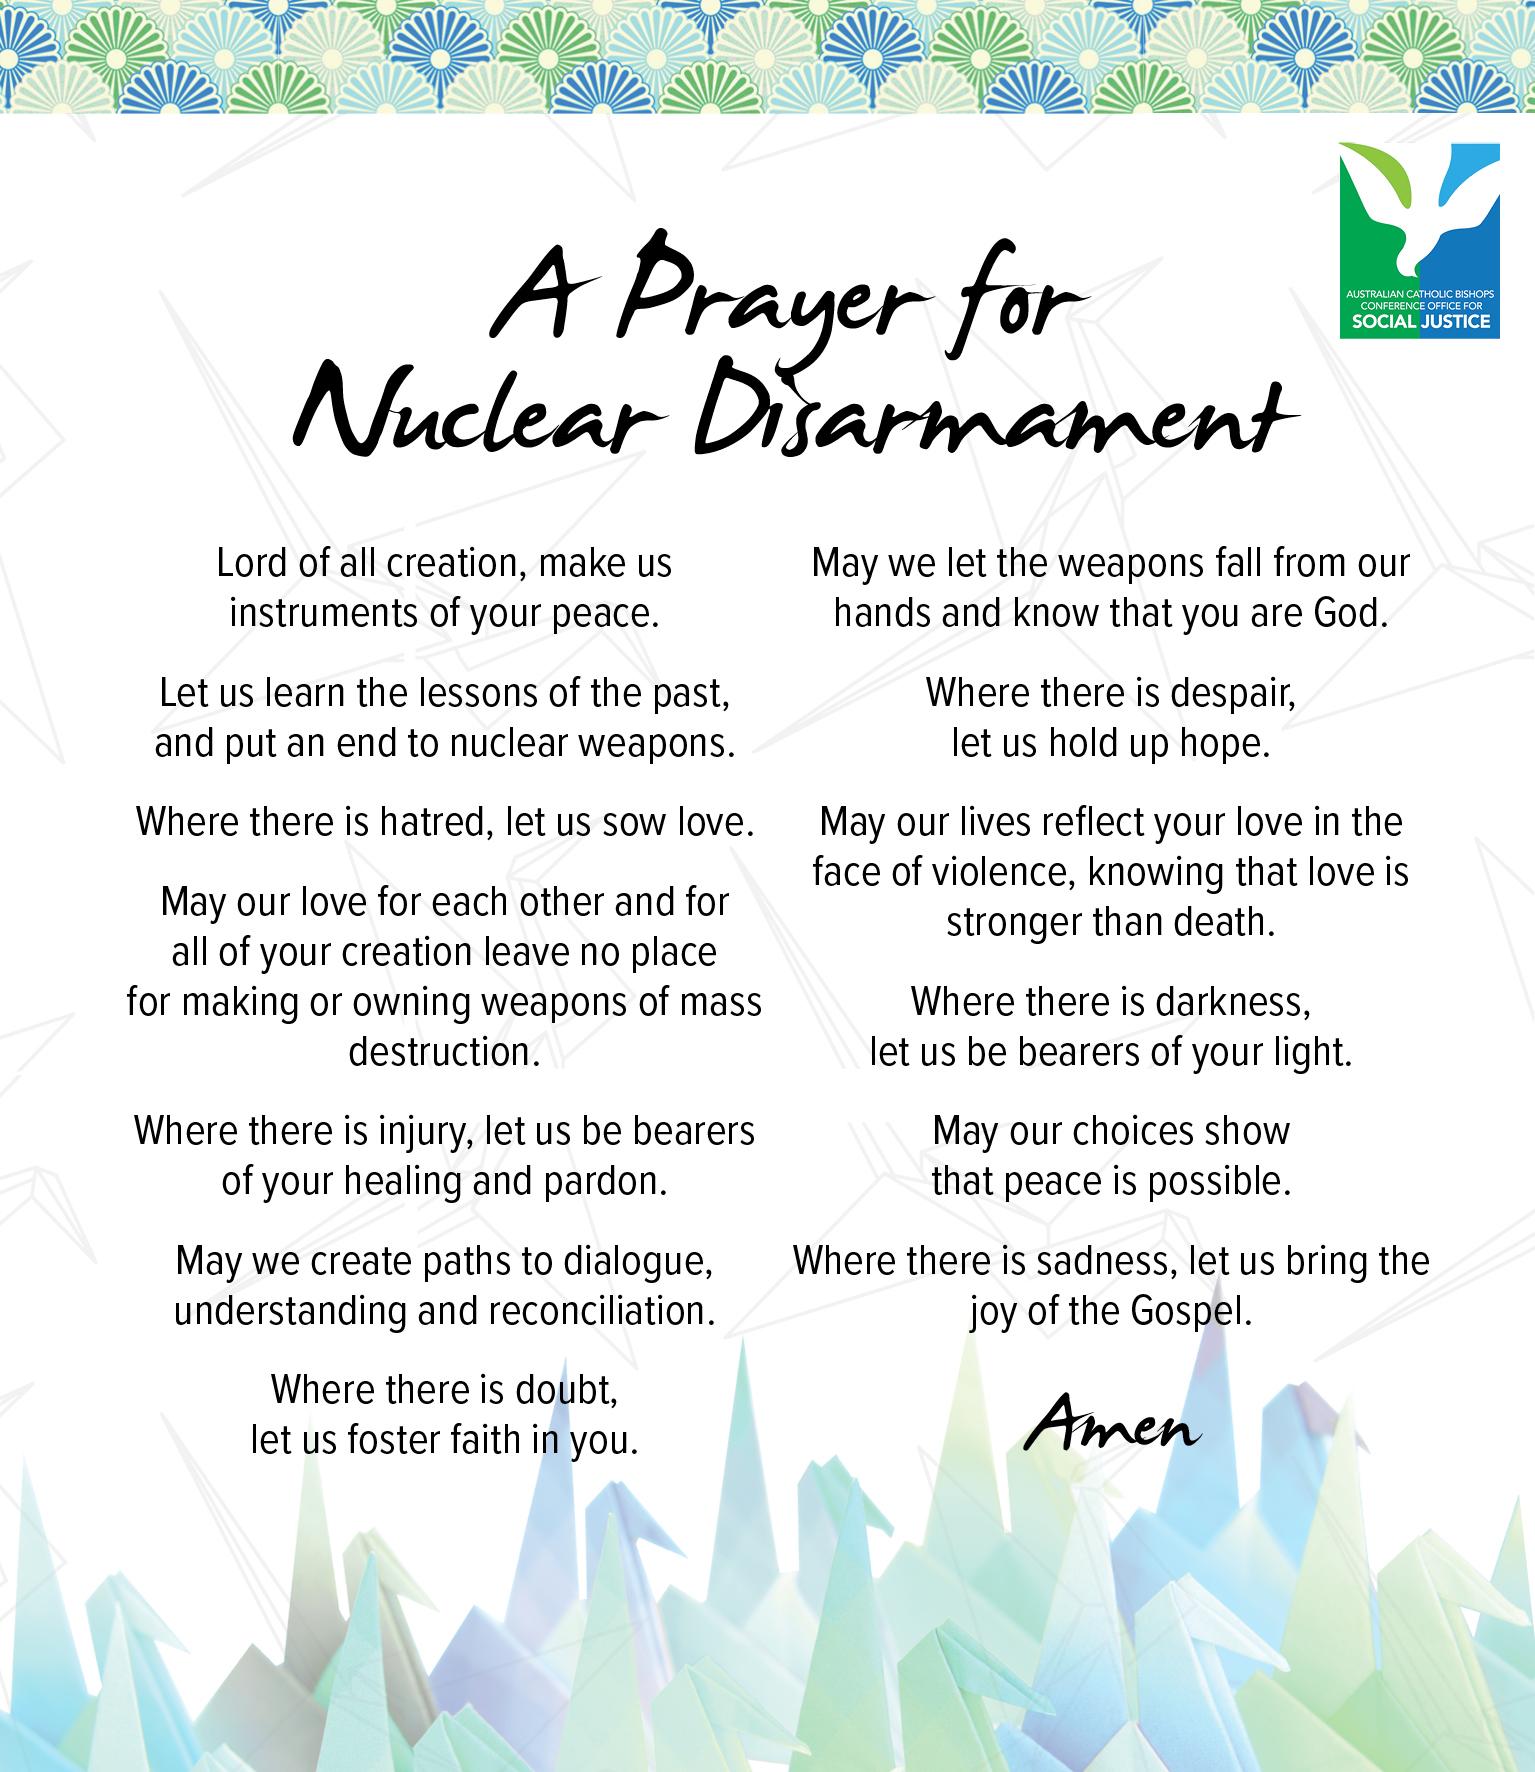 nuclear disarmament prayer card